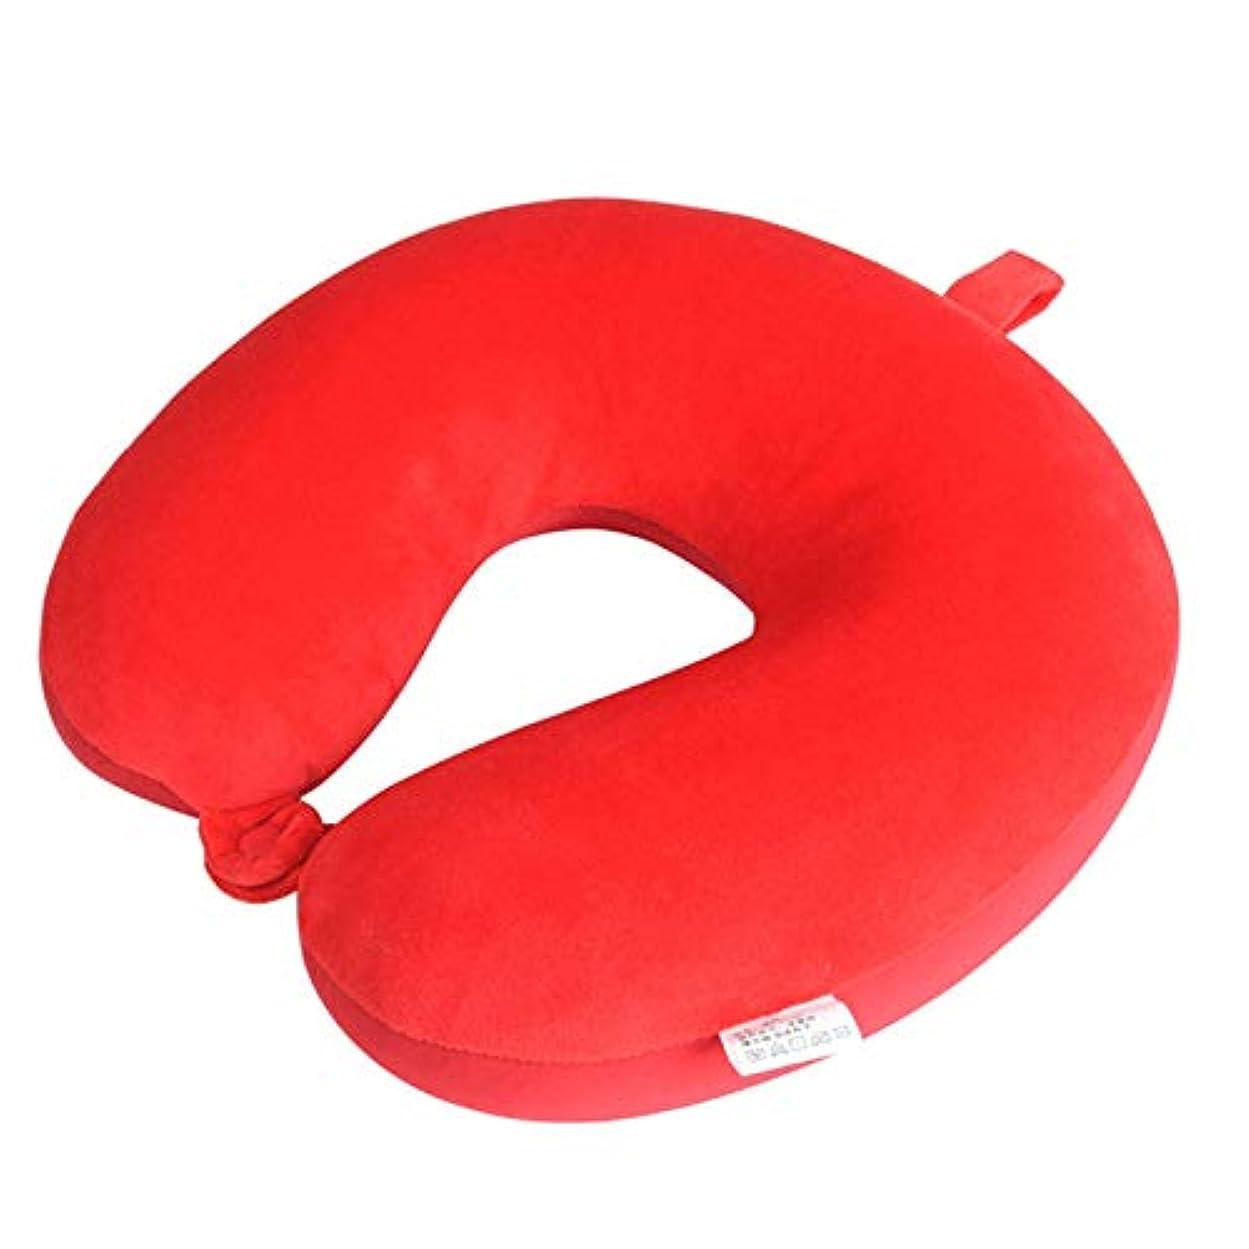 ハッピー蒸留対応するSMART ホームオフィス背もたれ椅子腰椎クッションカーシートネック枕 3D 低反発サポートバックマッサージウエストレスリビング枕 クッション 椅子